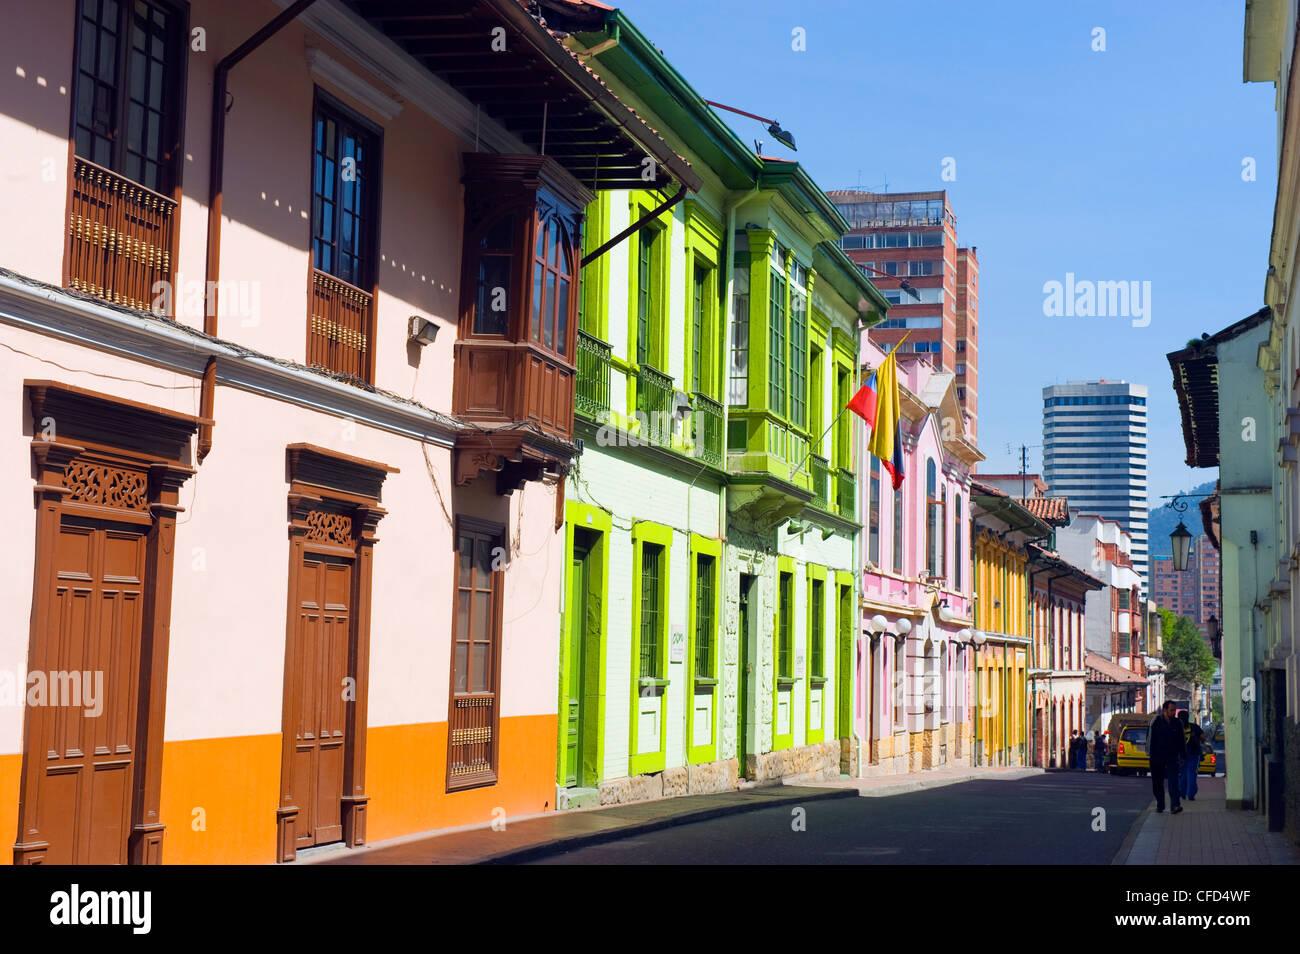 Maisons colorées, Bogota, Colombie, Amérique du Sud Banque D'Images